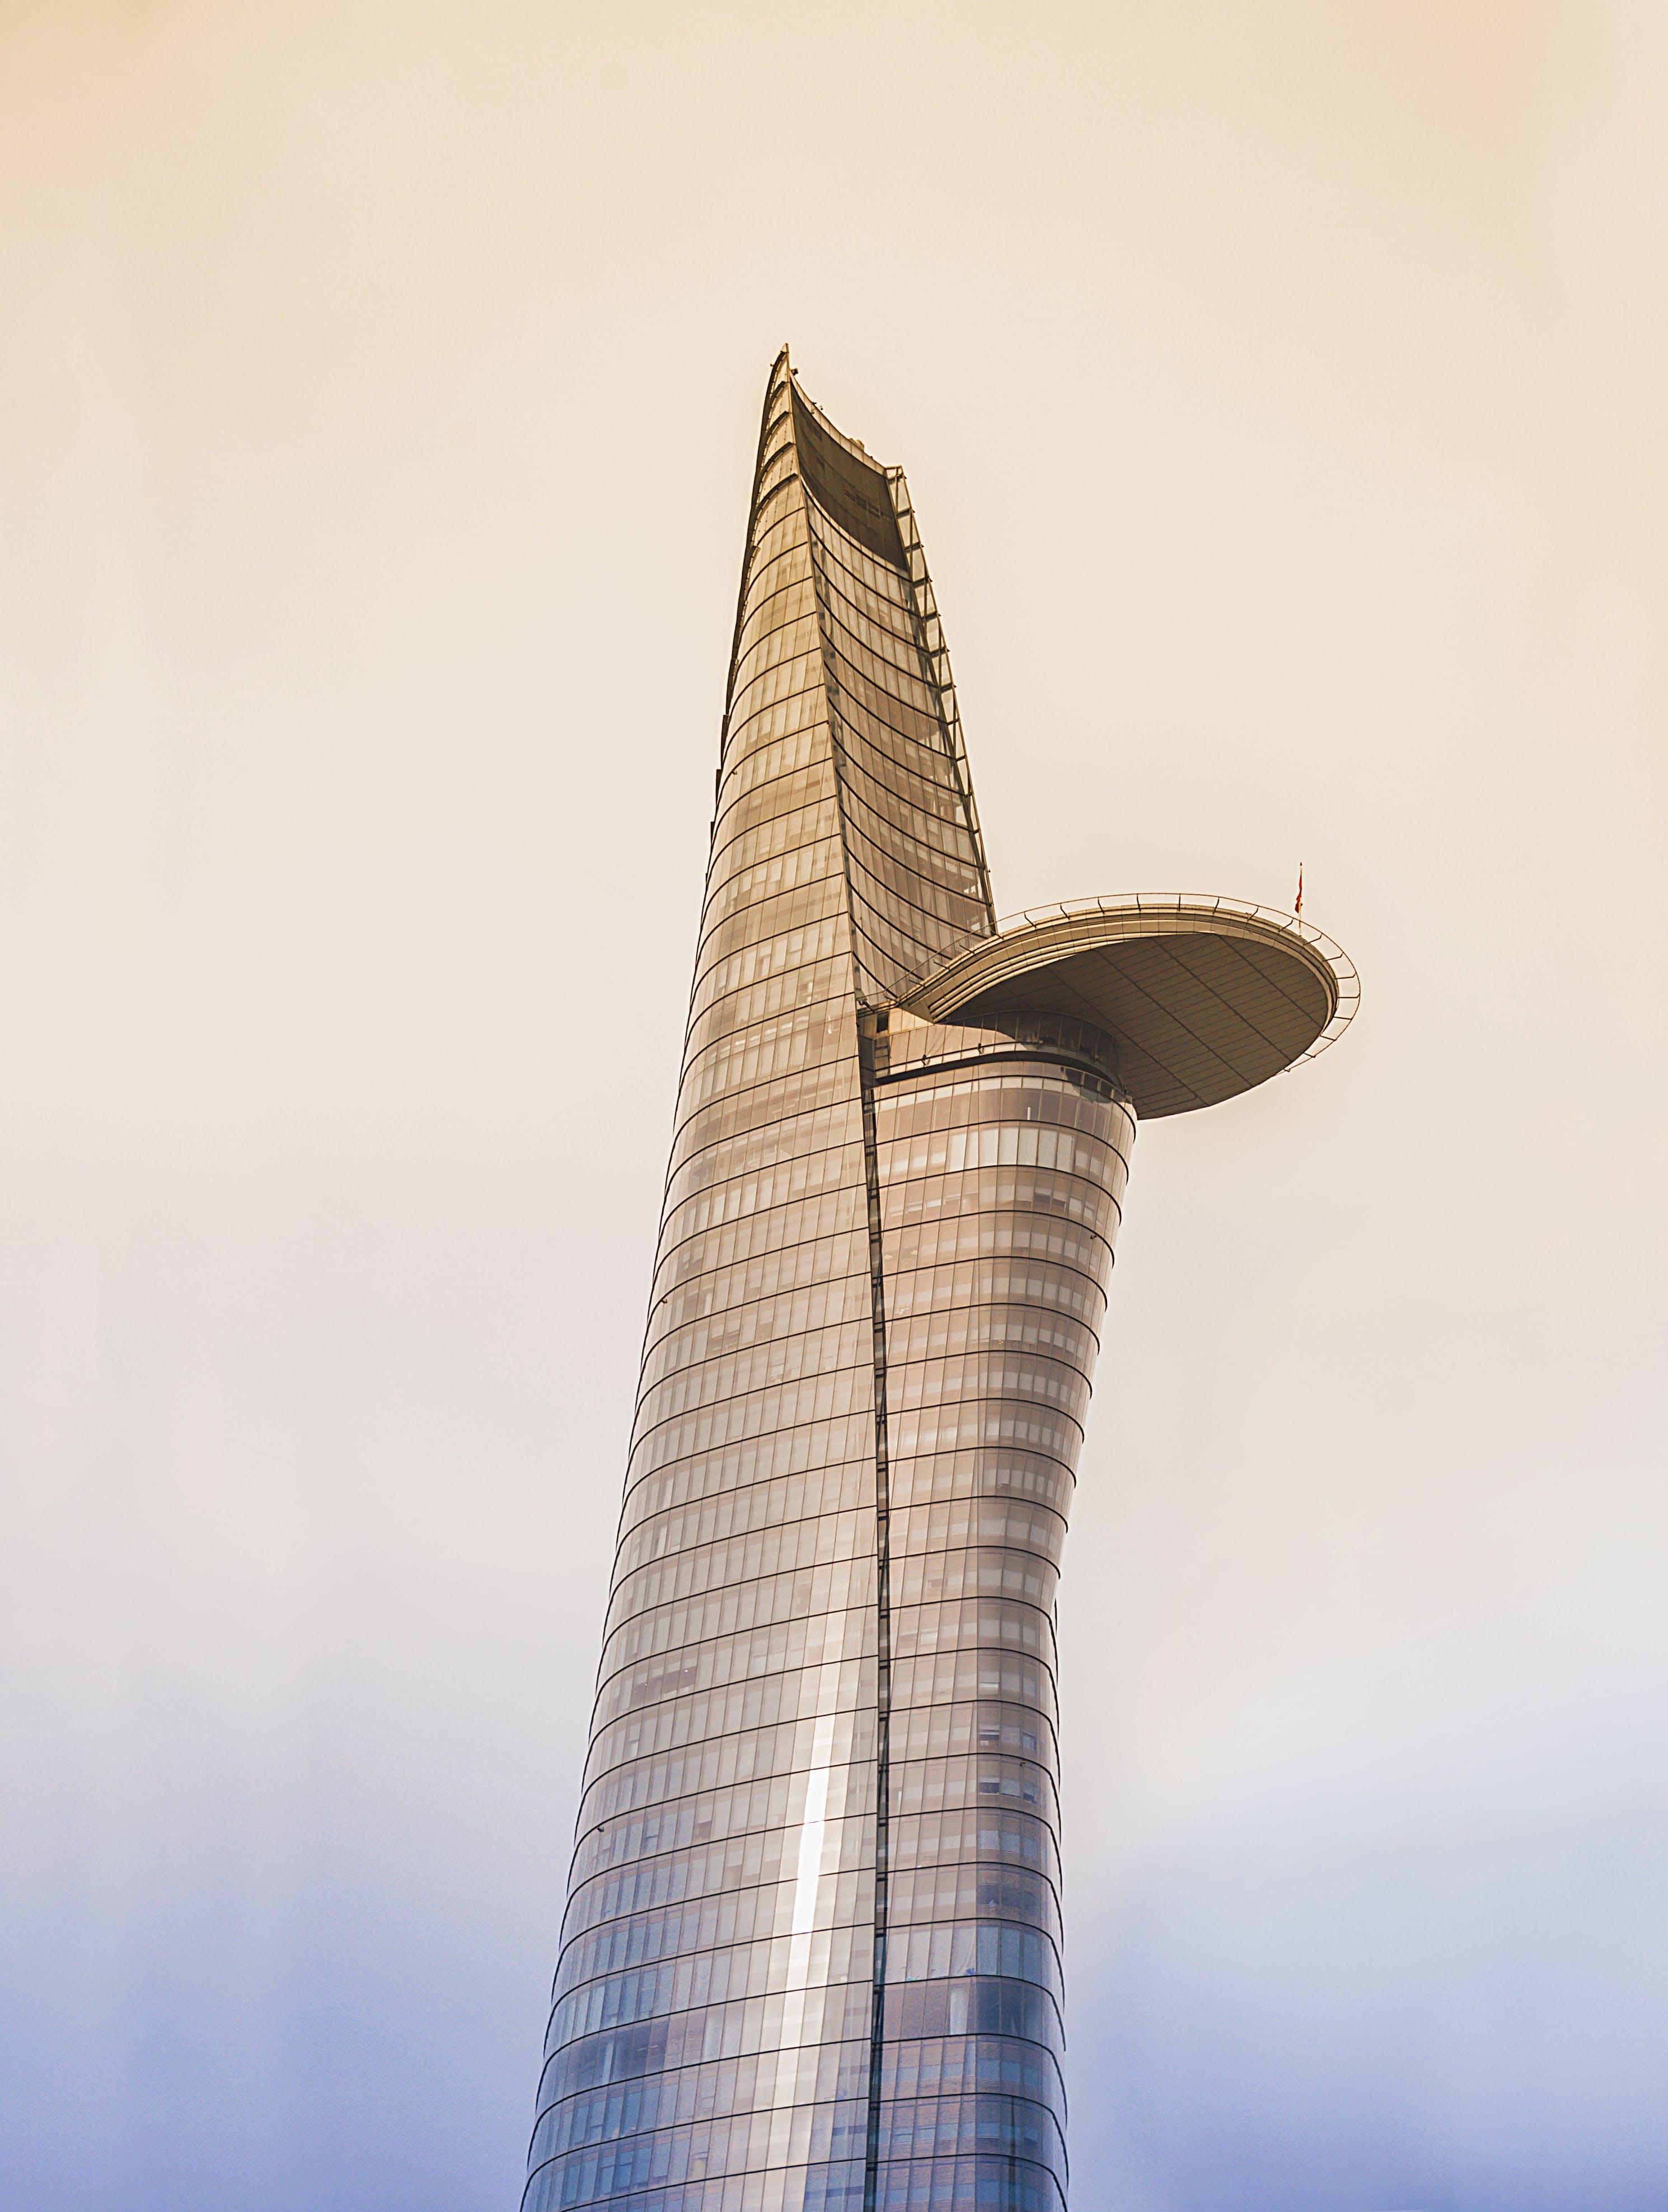 シティ, ダウンタウン, 建築, 未来的の無料の写真素材